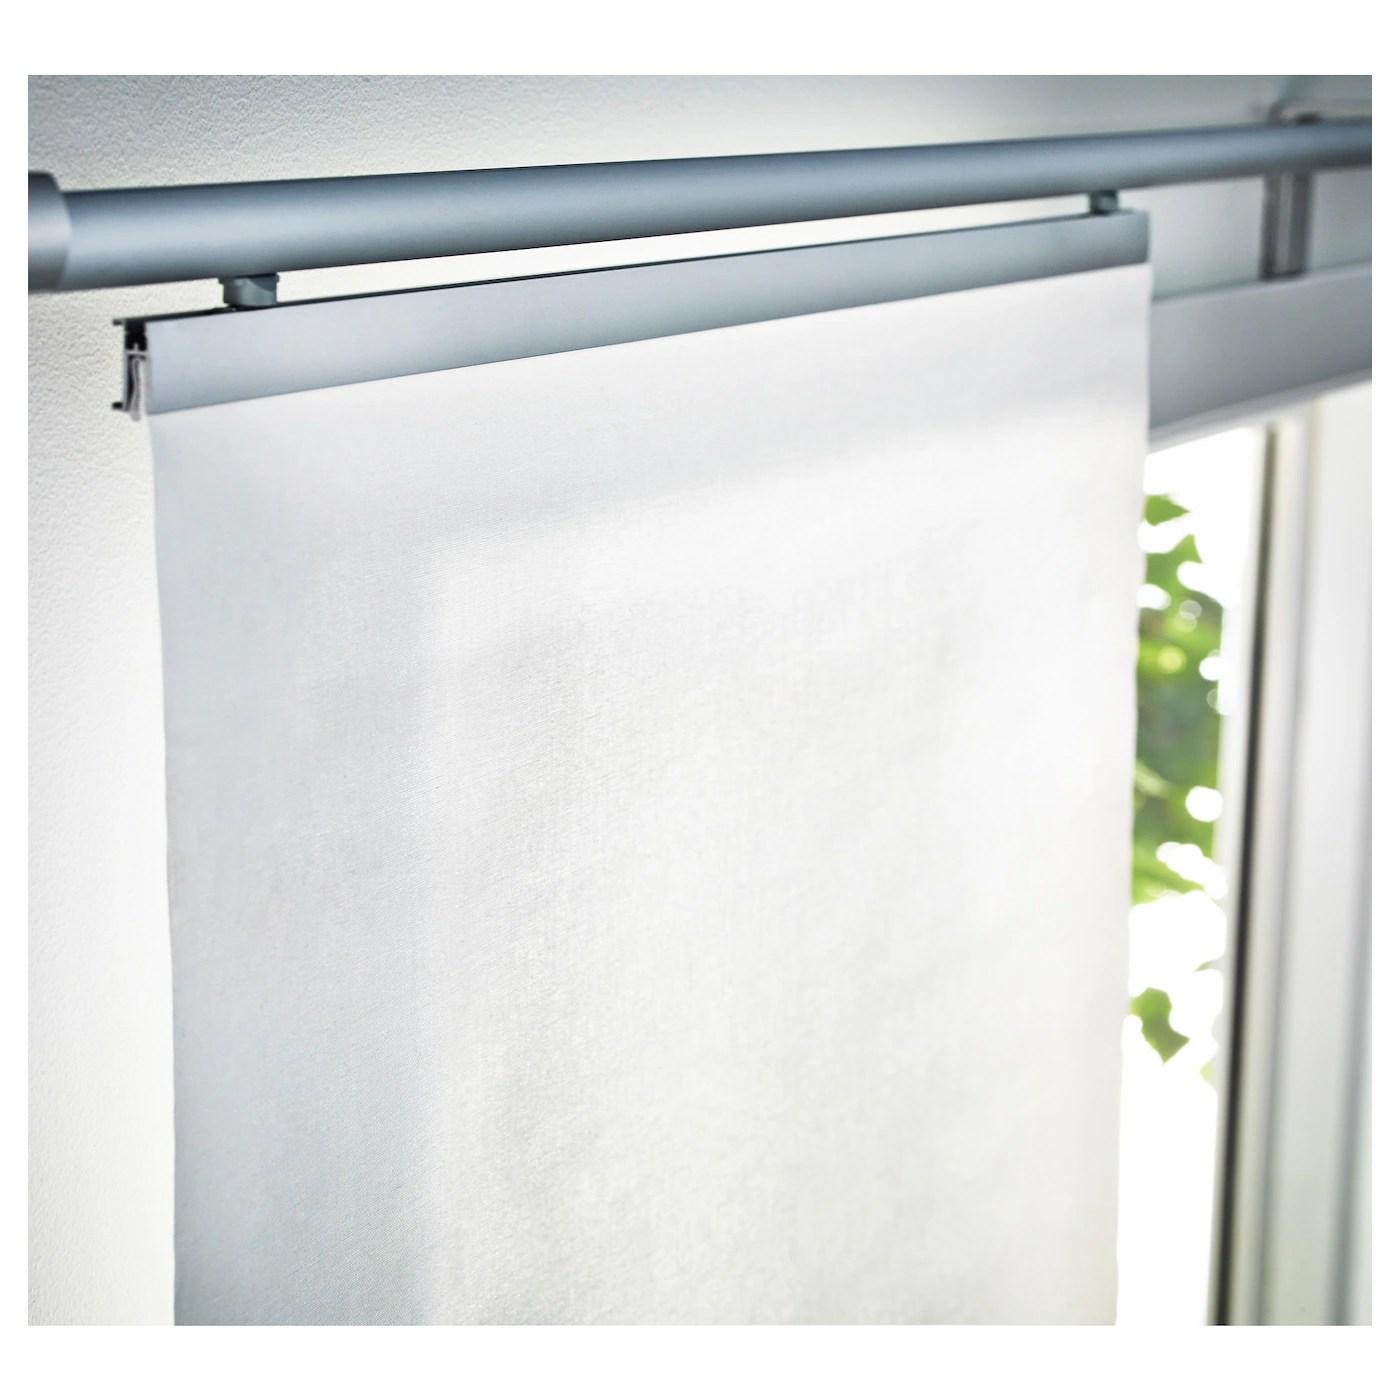 Il binario delle tende a pannello si applica a parete o a soffitto. Anno Tupplur Tenda A Pannello Bianco Ikea It